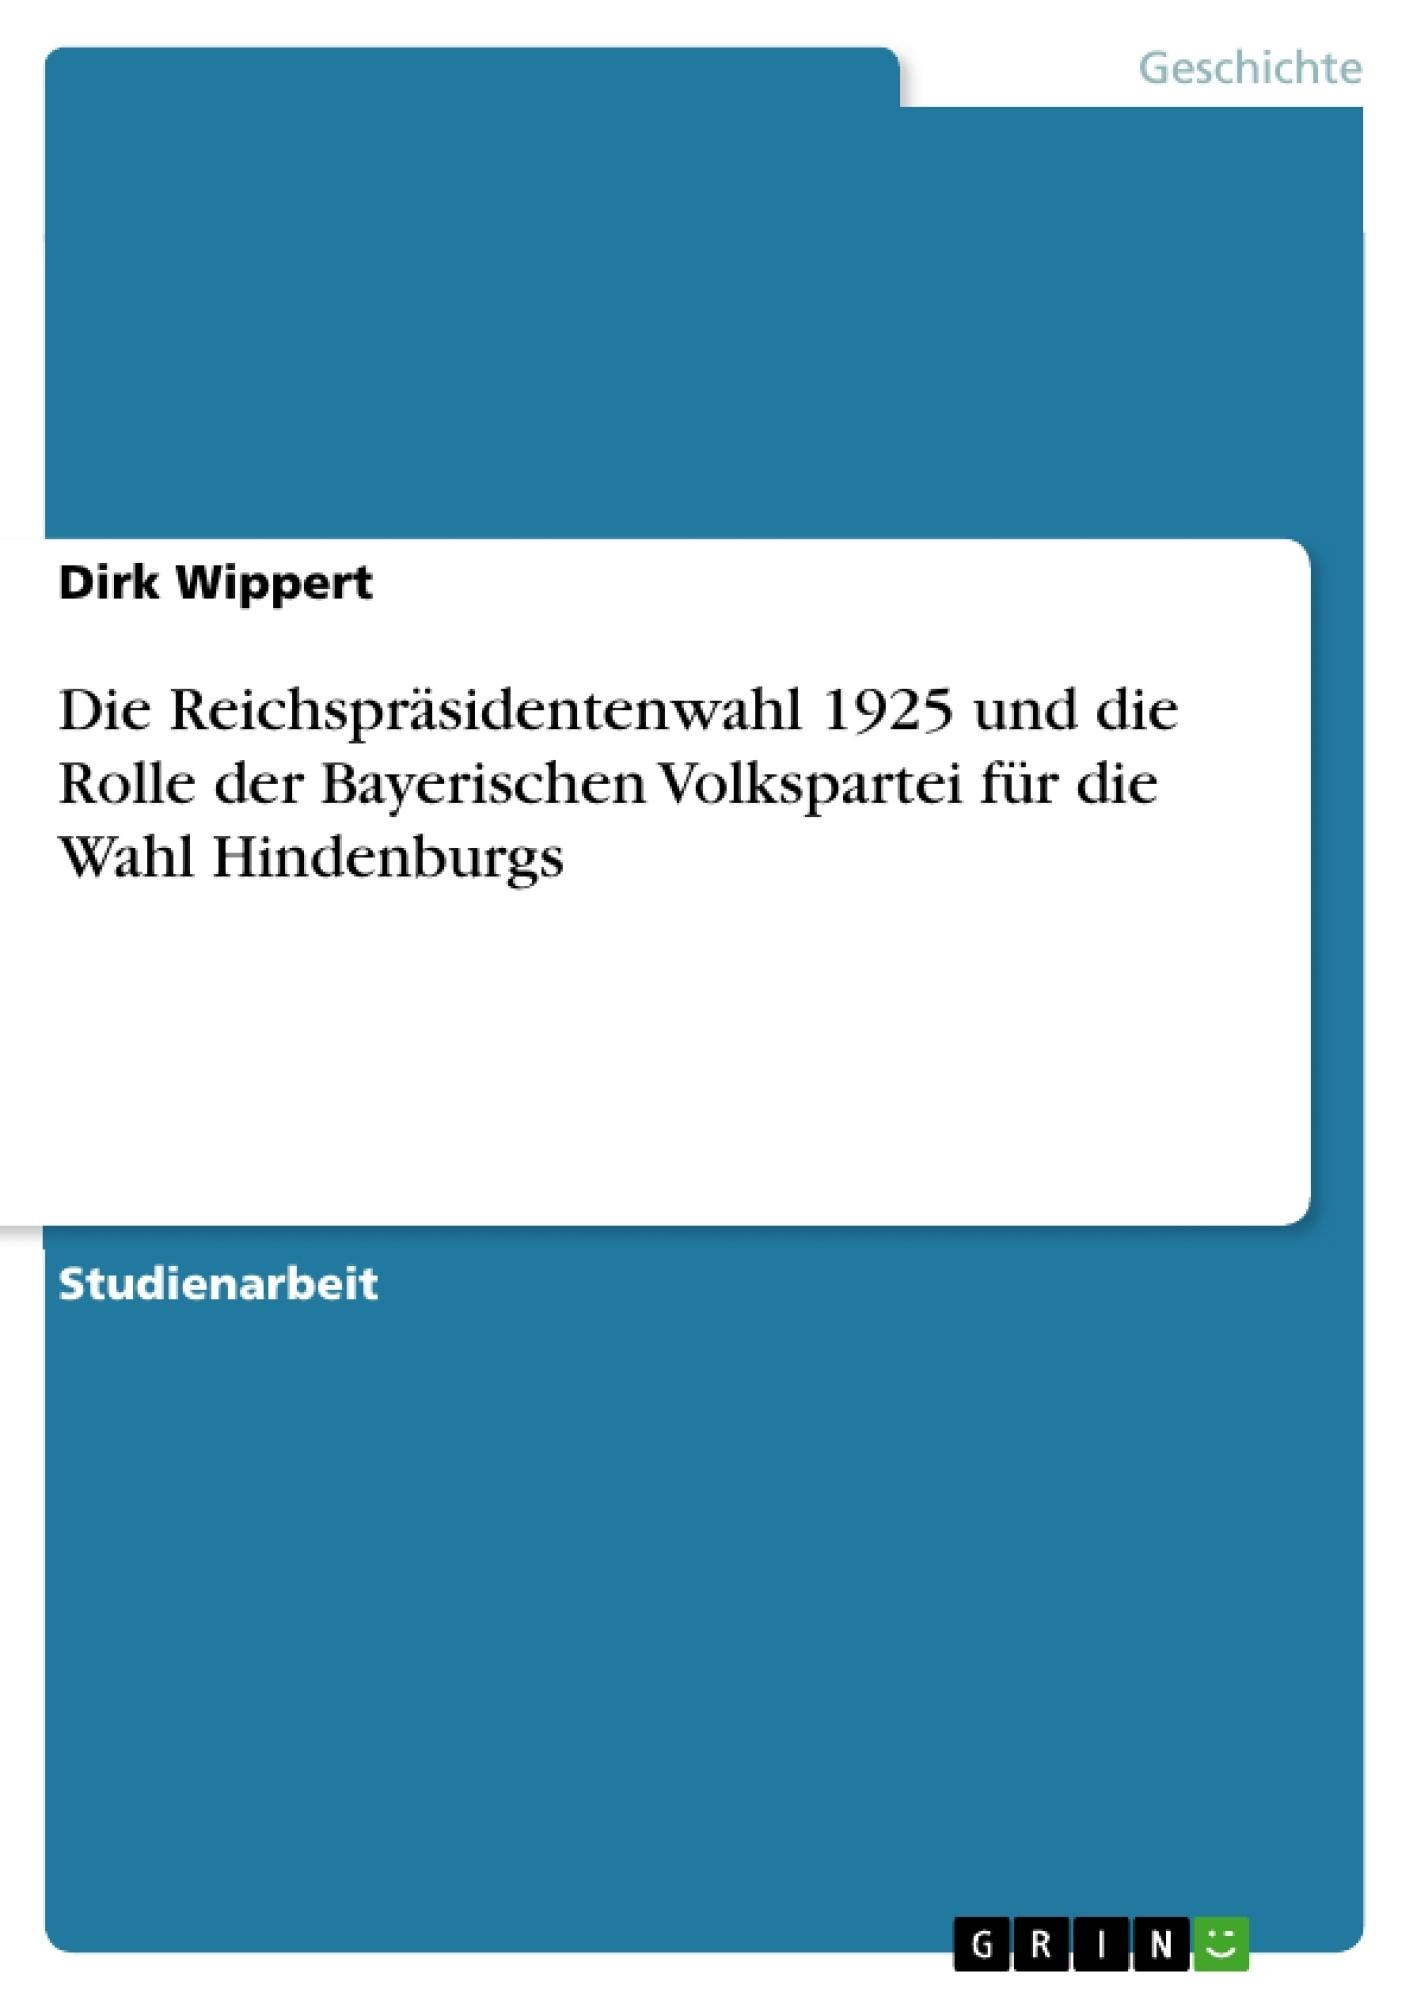 Titel: Die Reichspräsidentenwahl 1925 und die Rolle der Bayerischen Volkspartei für die Wahl Hindenburgs